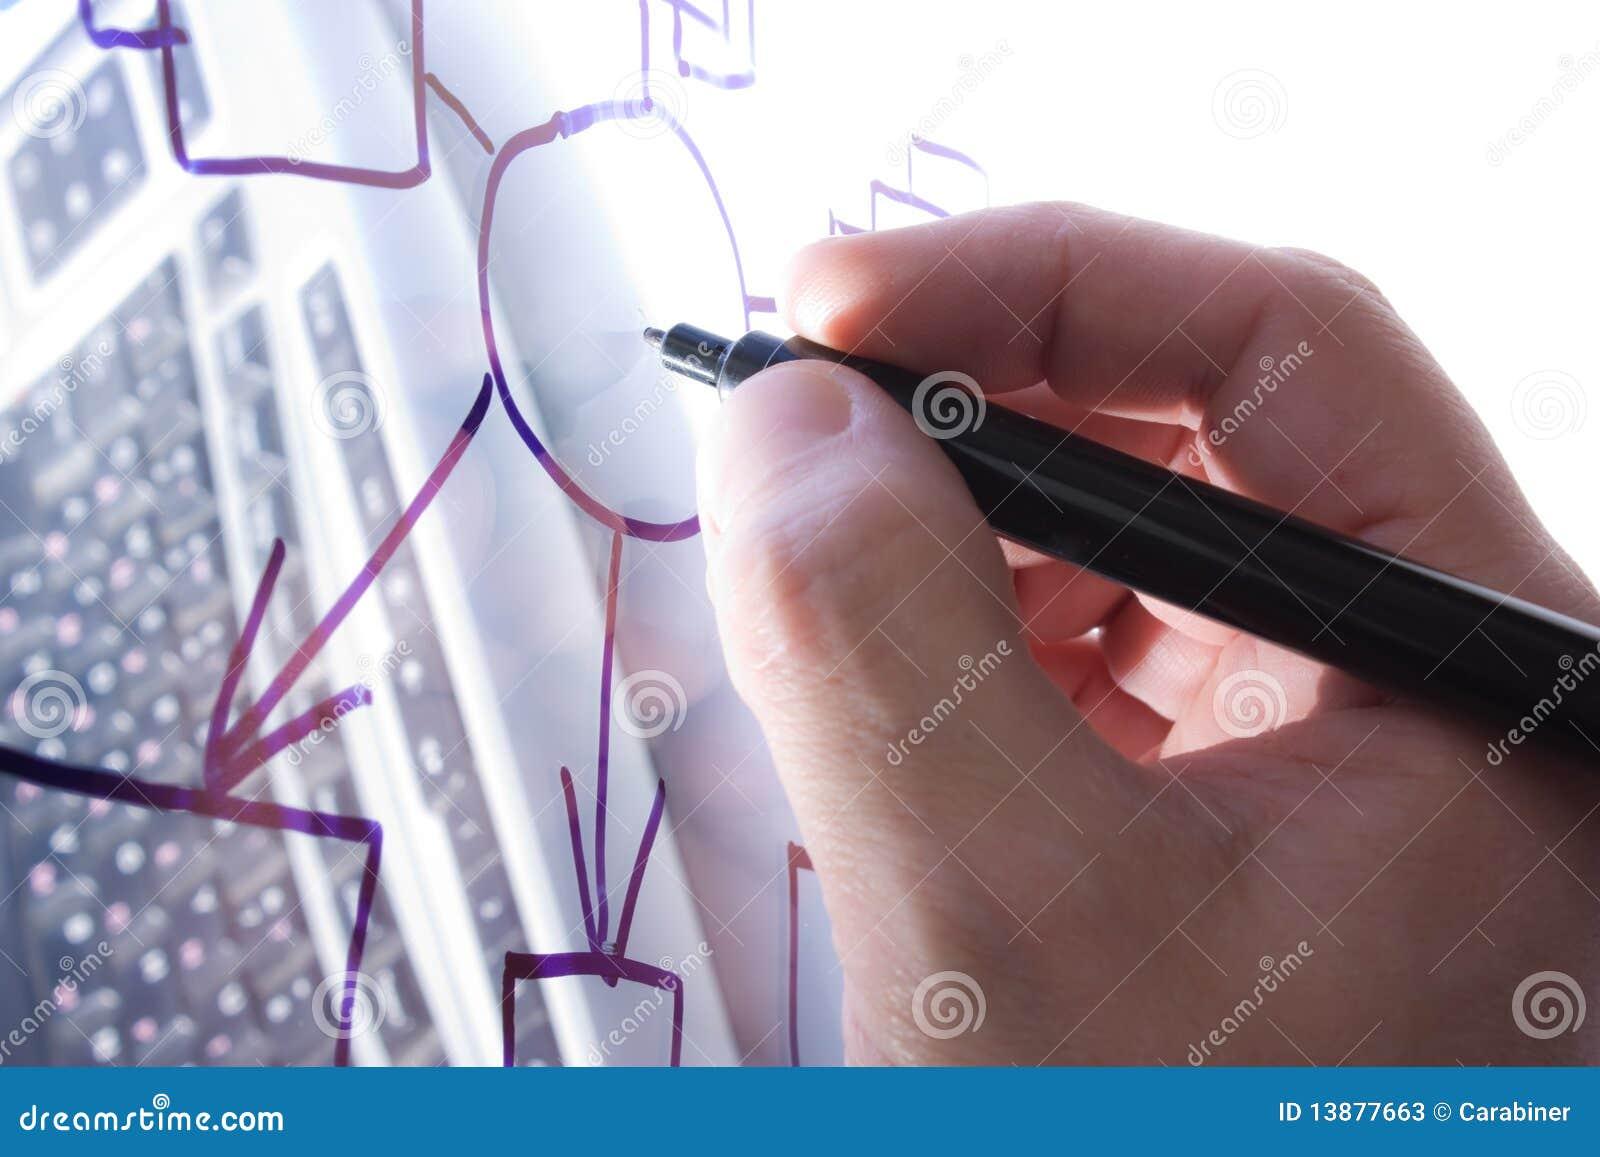 рисует стеклянную руку прозрачную